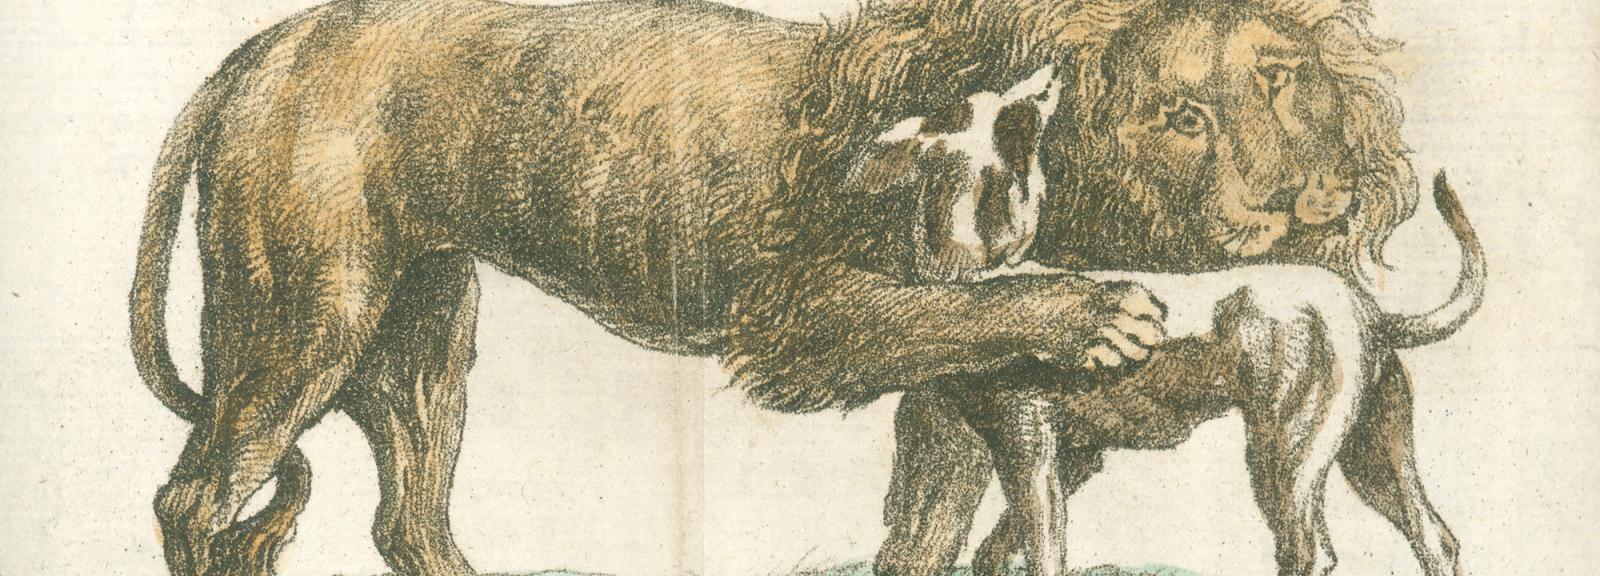 Woira le lion et son chien, 1794-1796 © MNHN - Bibliothèque centrale